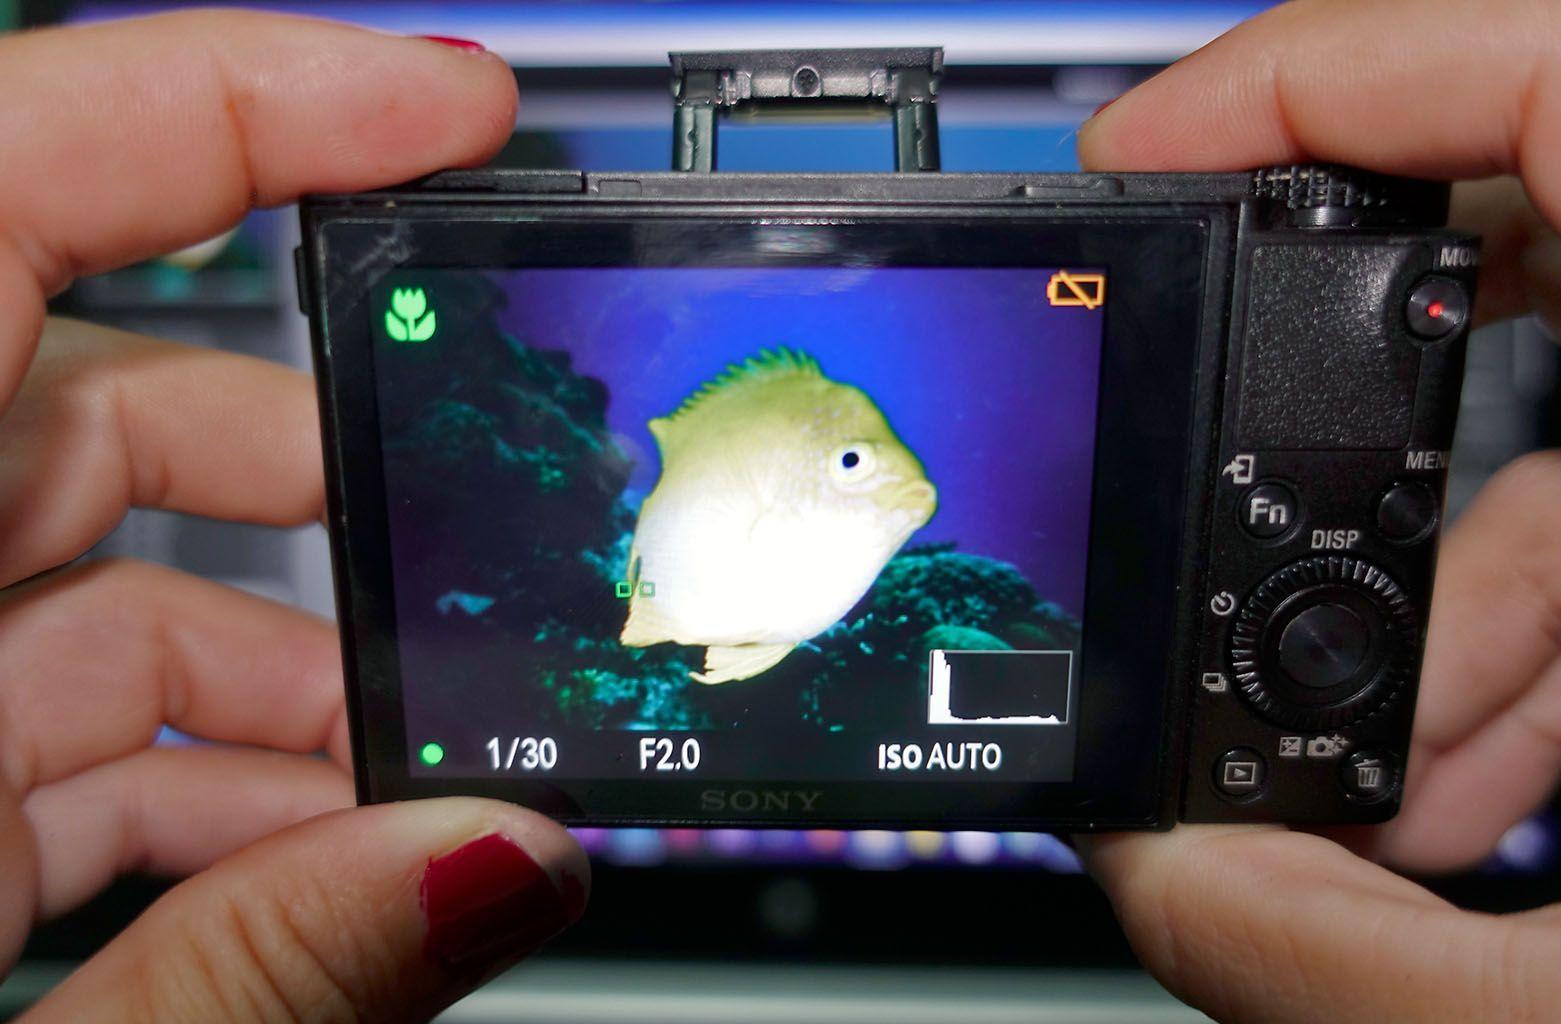 el histograma en la camara foto submarina